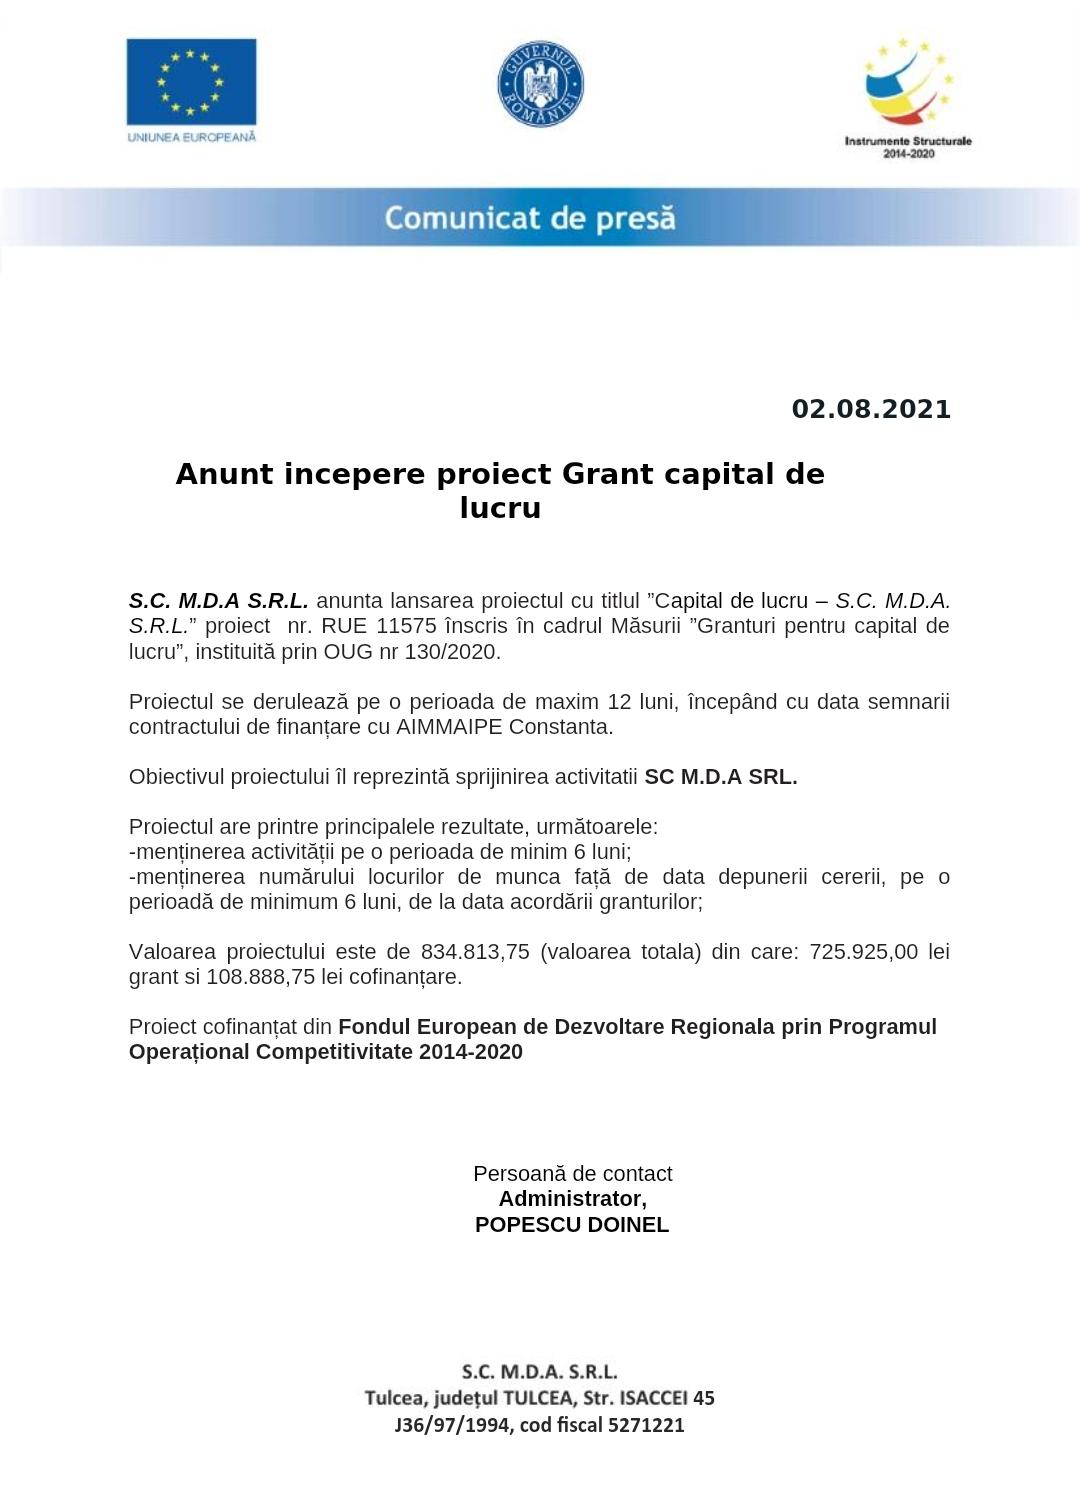 Anunț începere proiect Grant capital de lucru